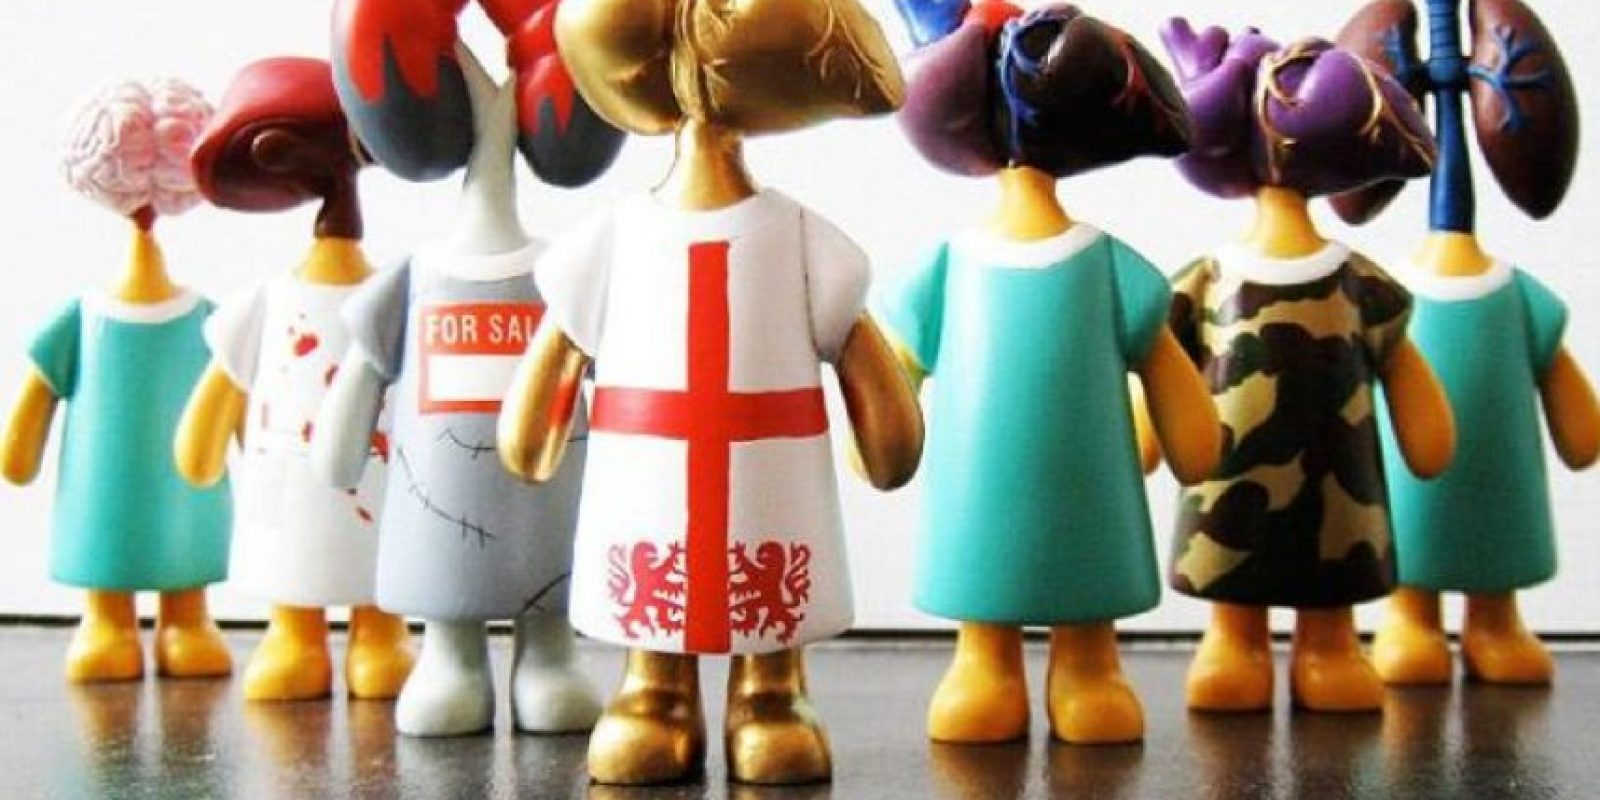 Las principales religiones del mundo apoyan la donación de órganos y tejidos y la ven como el último acto de amor y generosidad al prójimo. Foto:Tumblr.com/tagged/donacion-órganos